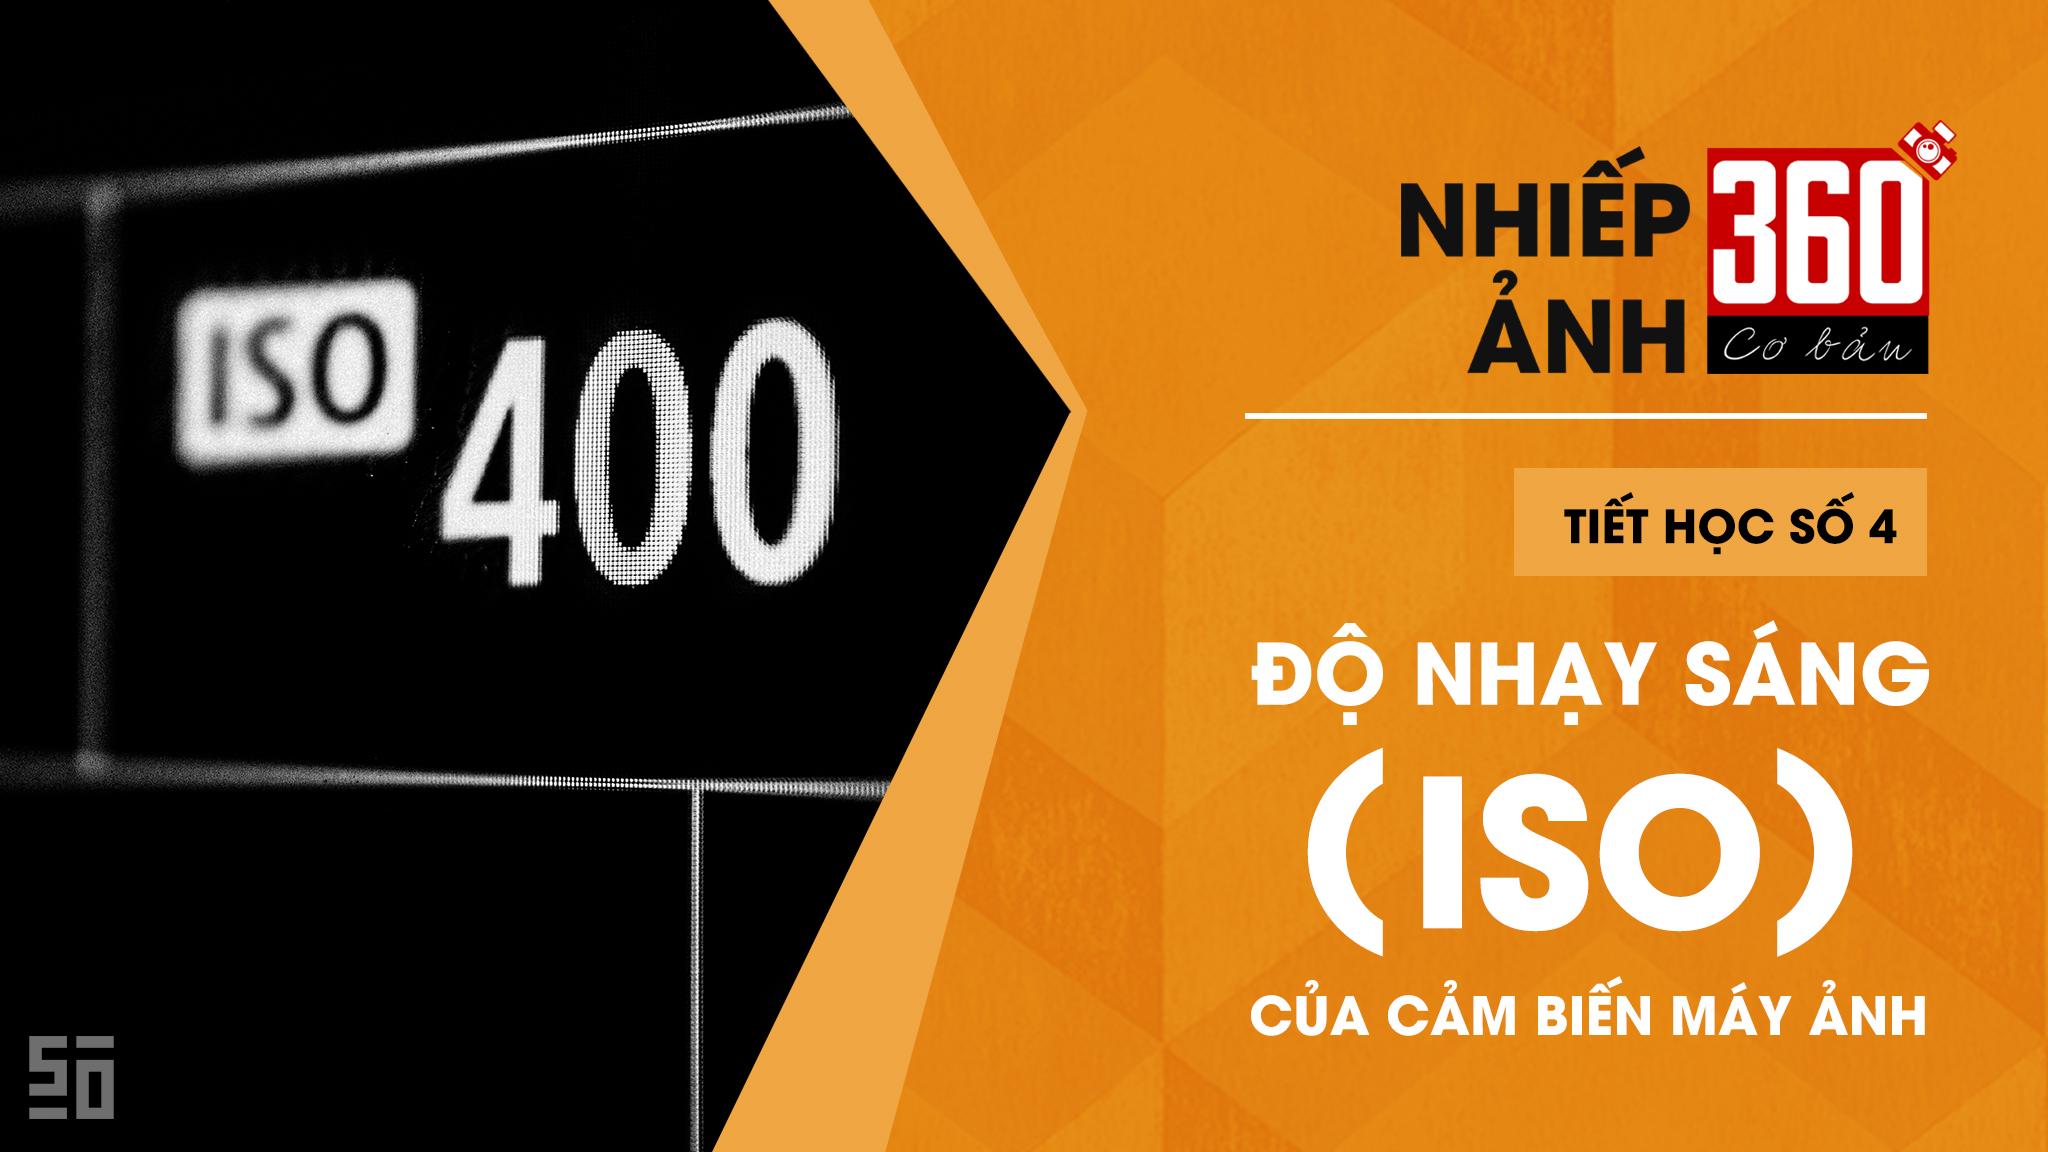 Nhiếp ảnh 360 [CƠ BẢN] Tập 4: Độ nhạy sáng - ISO | 50mm Vietnam